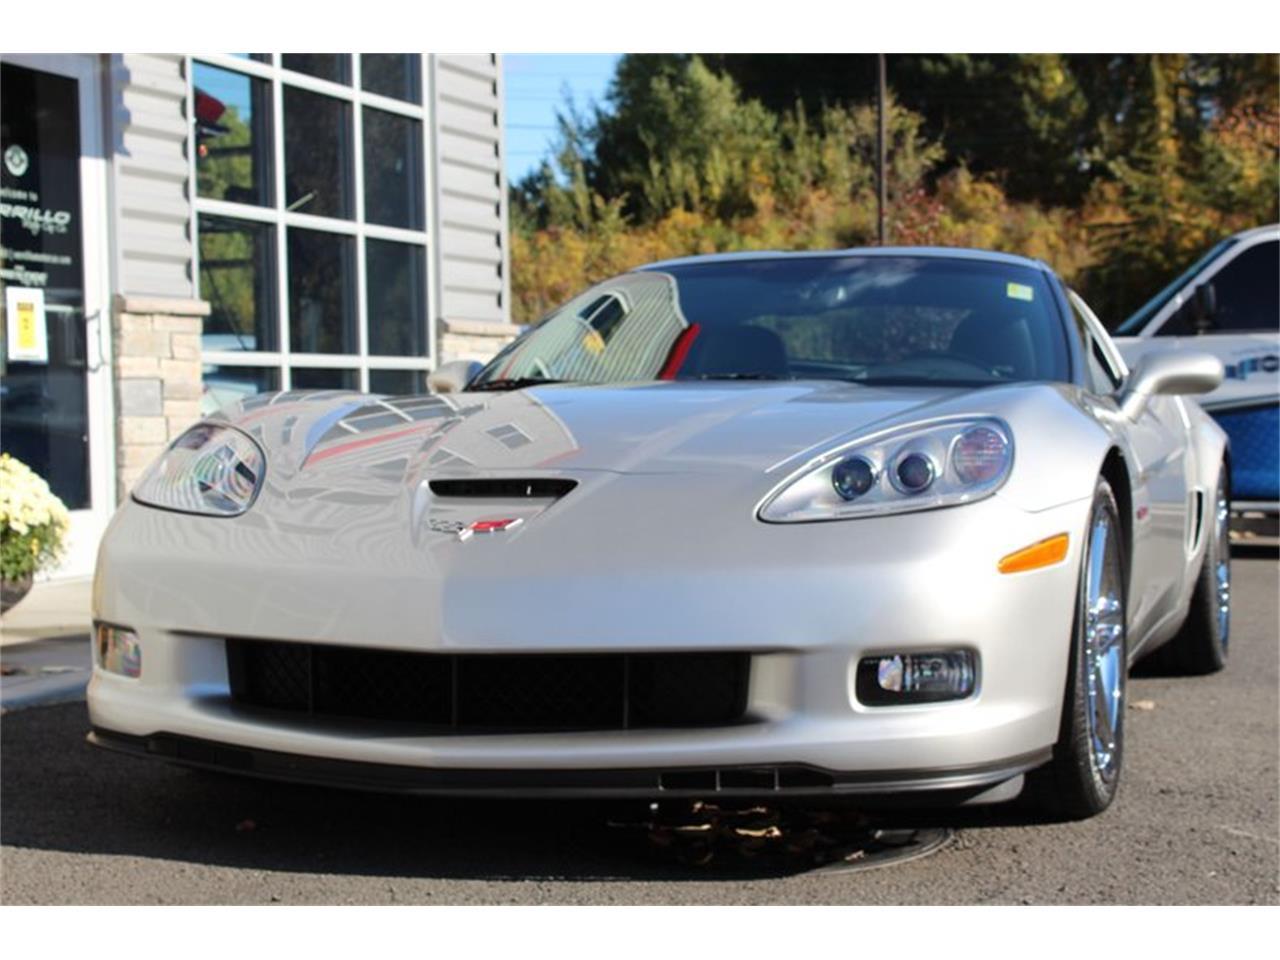 2008 Chevrolet Corvette (CC-1410926) for sale in Clifton Park, New York